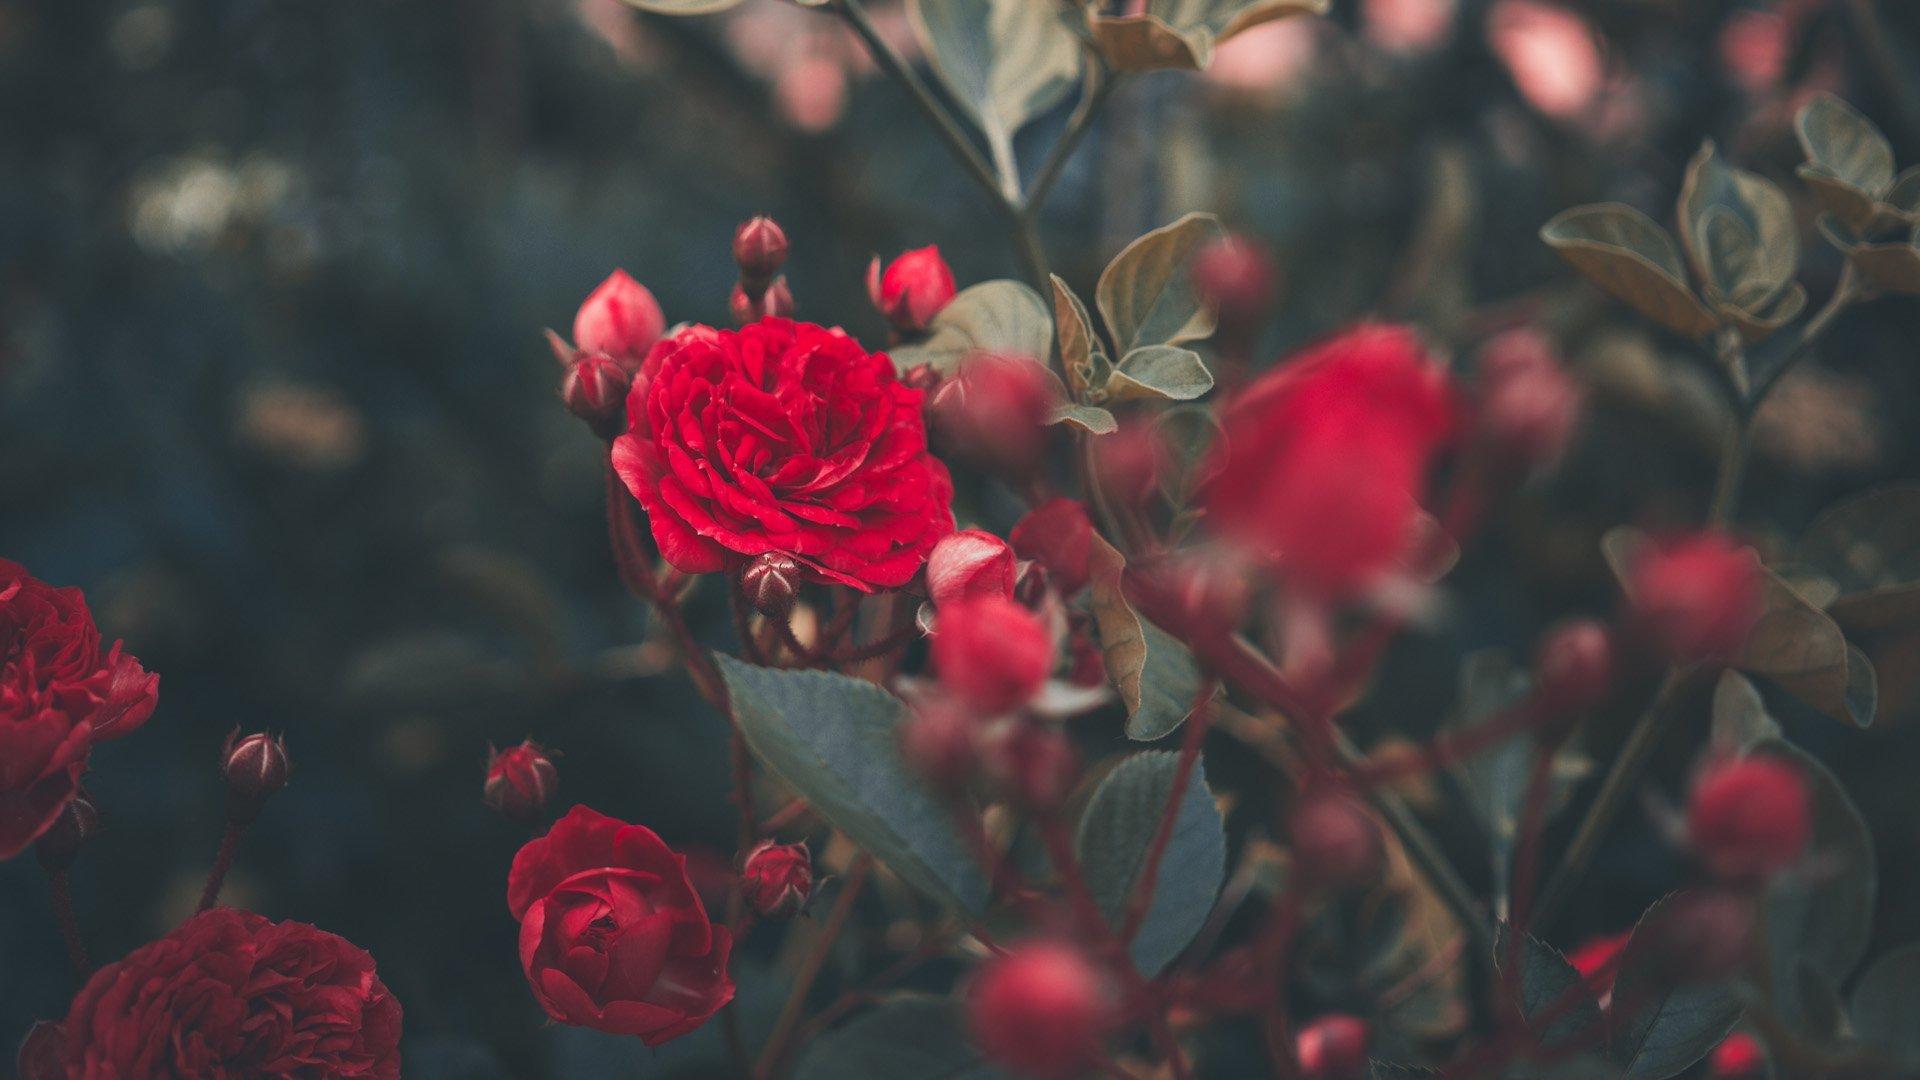 Aesthetic Rose Wallpaper